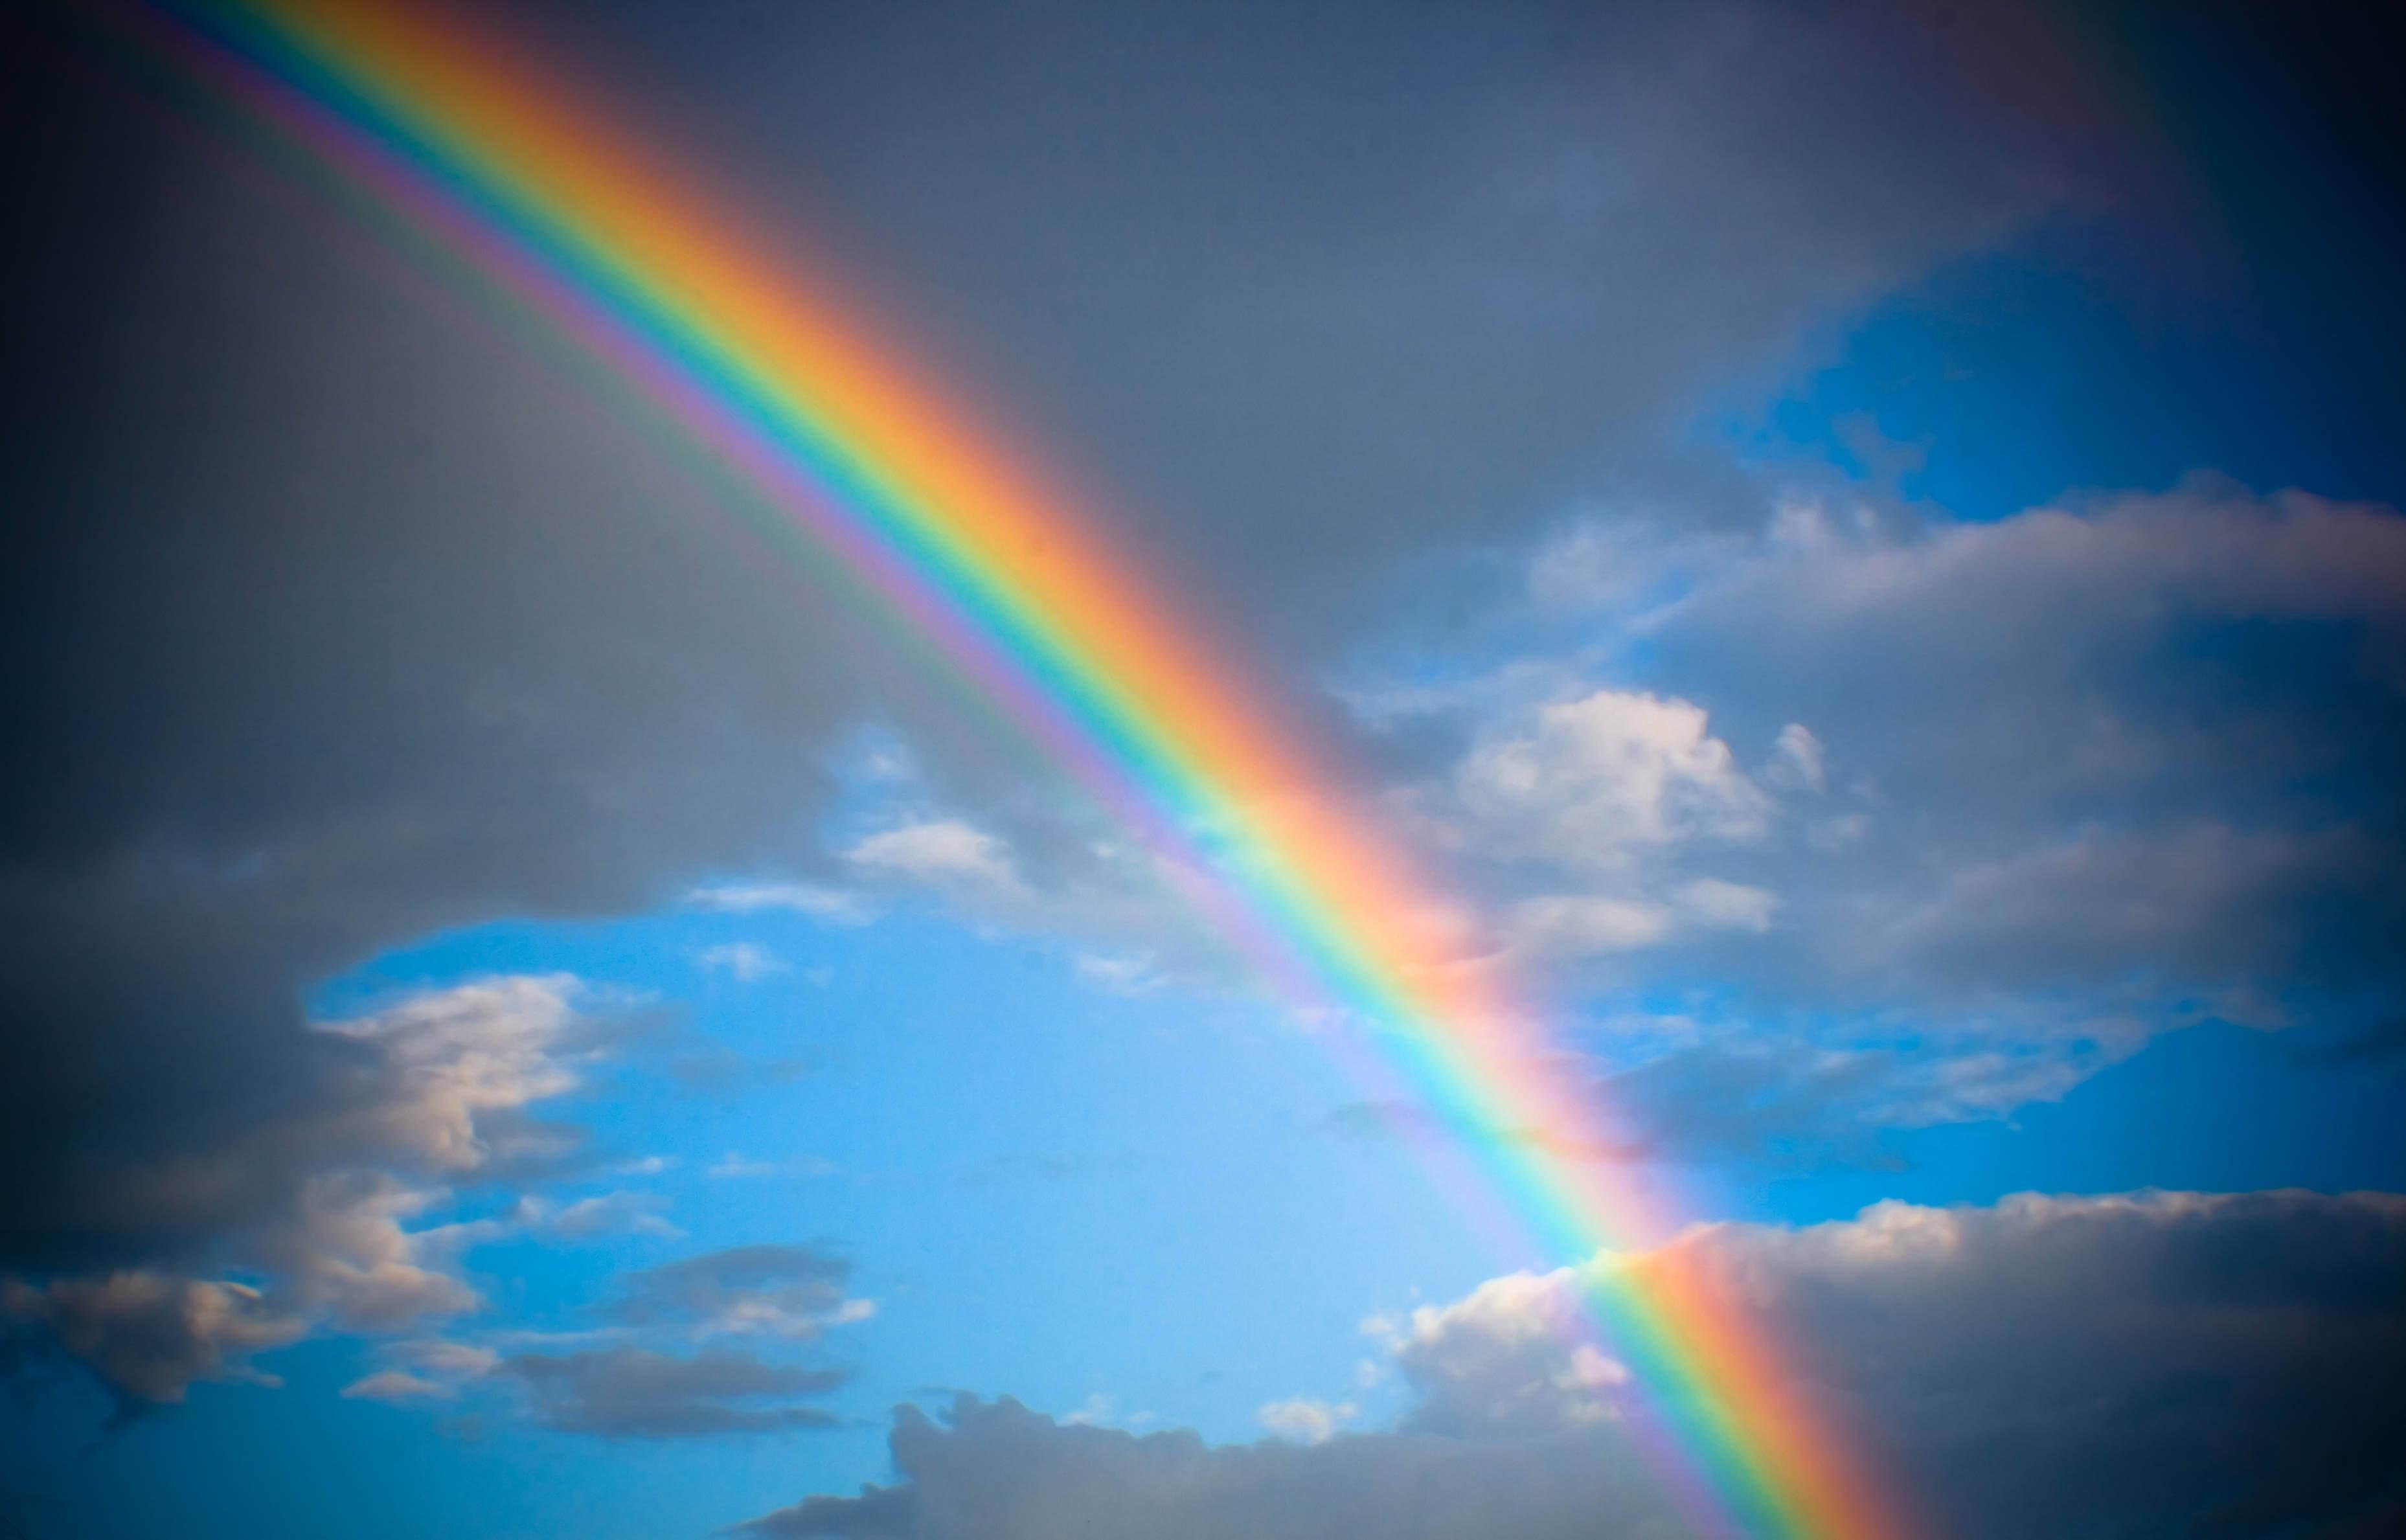 Как и свет, пространство-время может создавать радугу